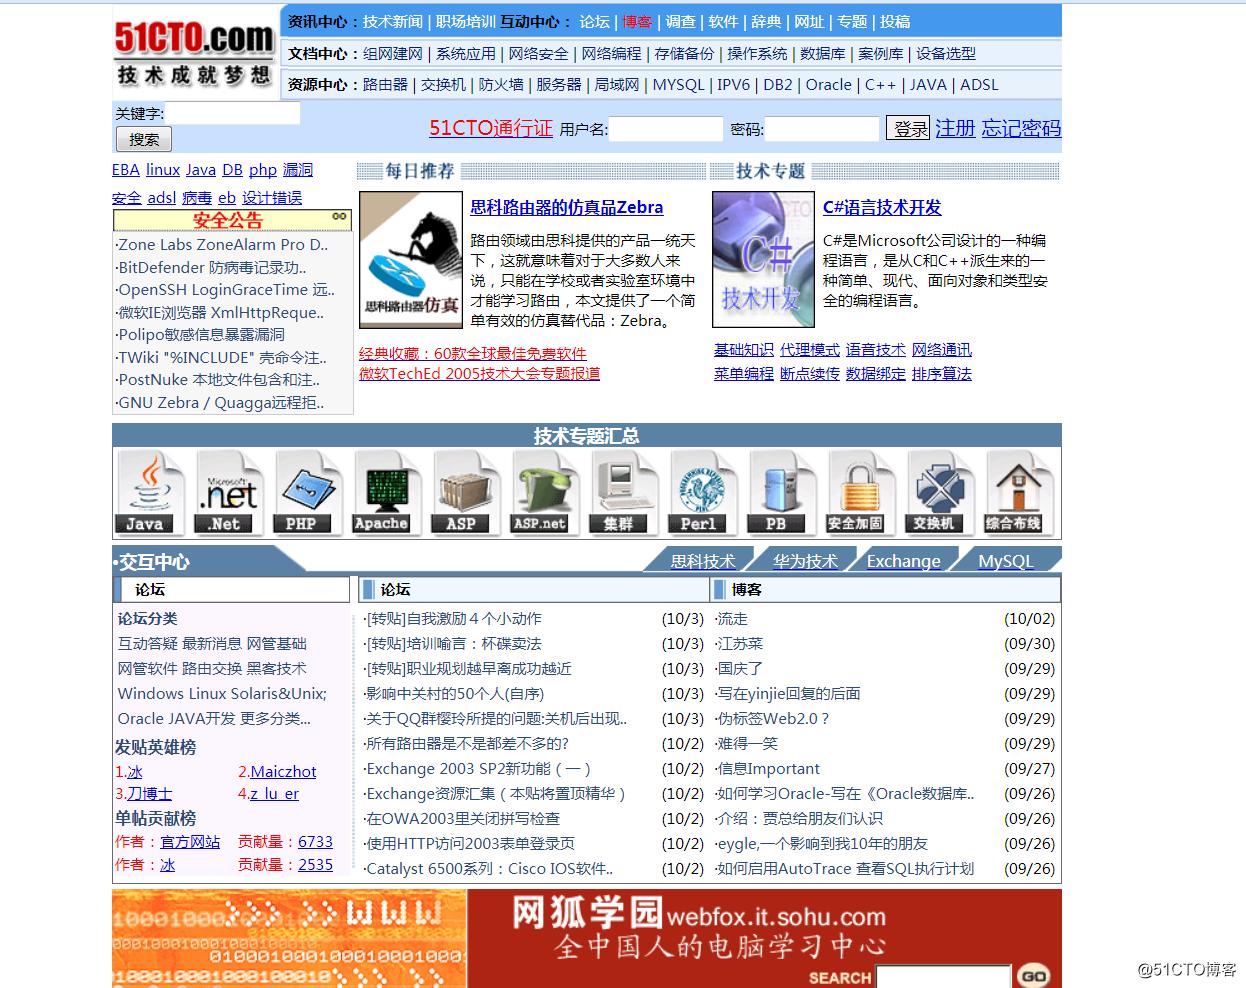 时光之旅-51CTO(2005-2017)